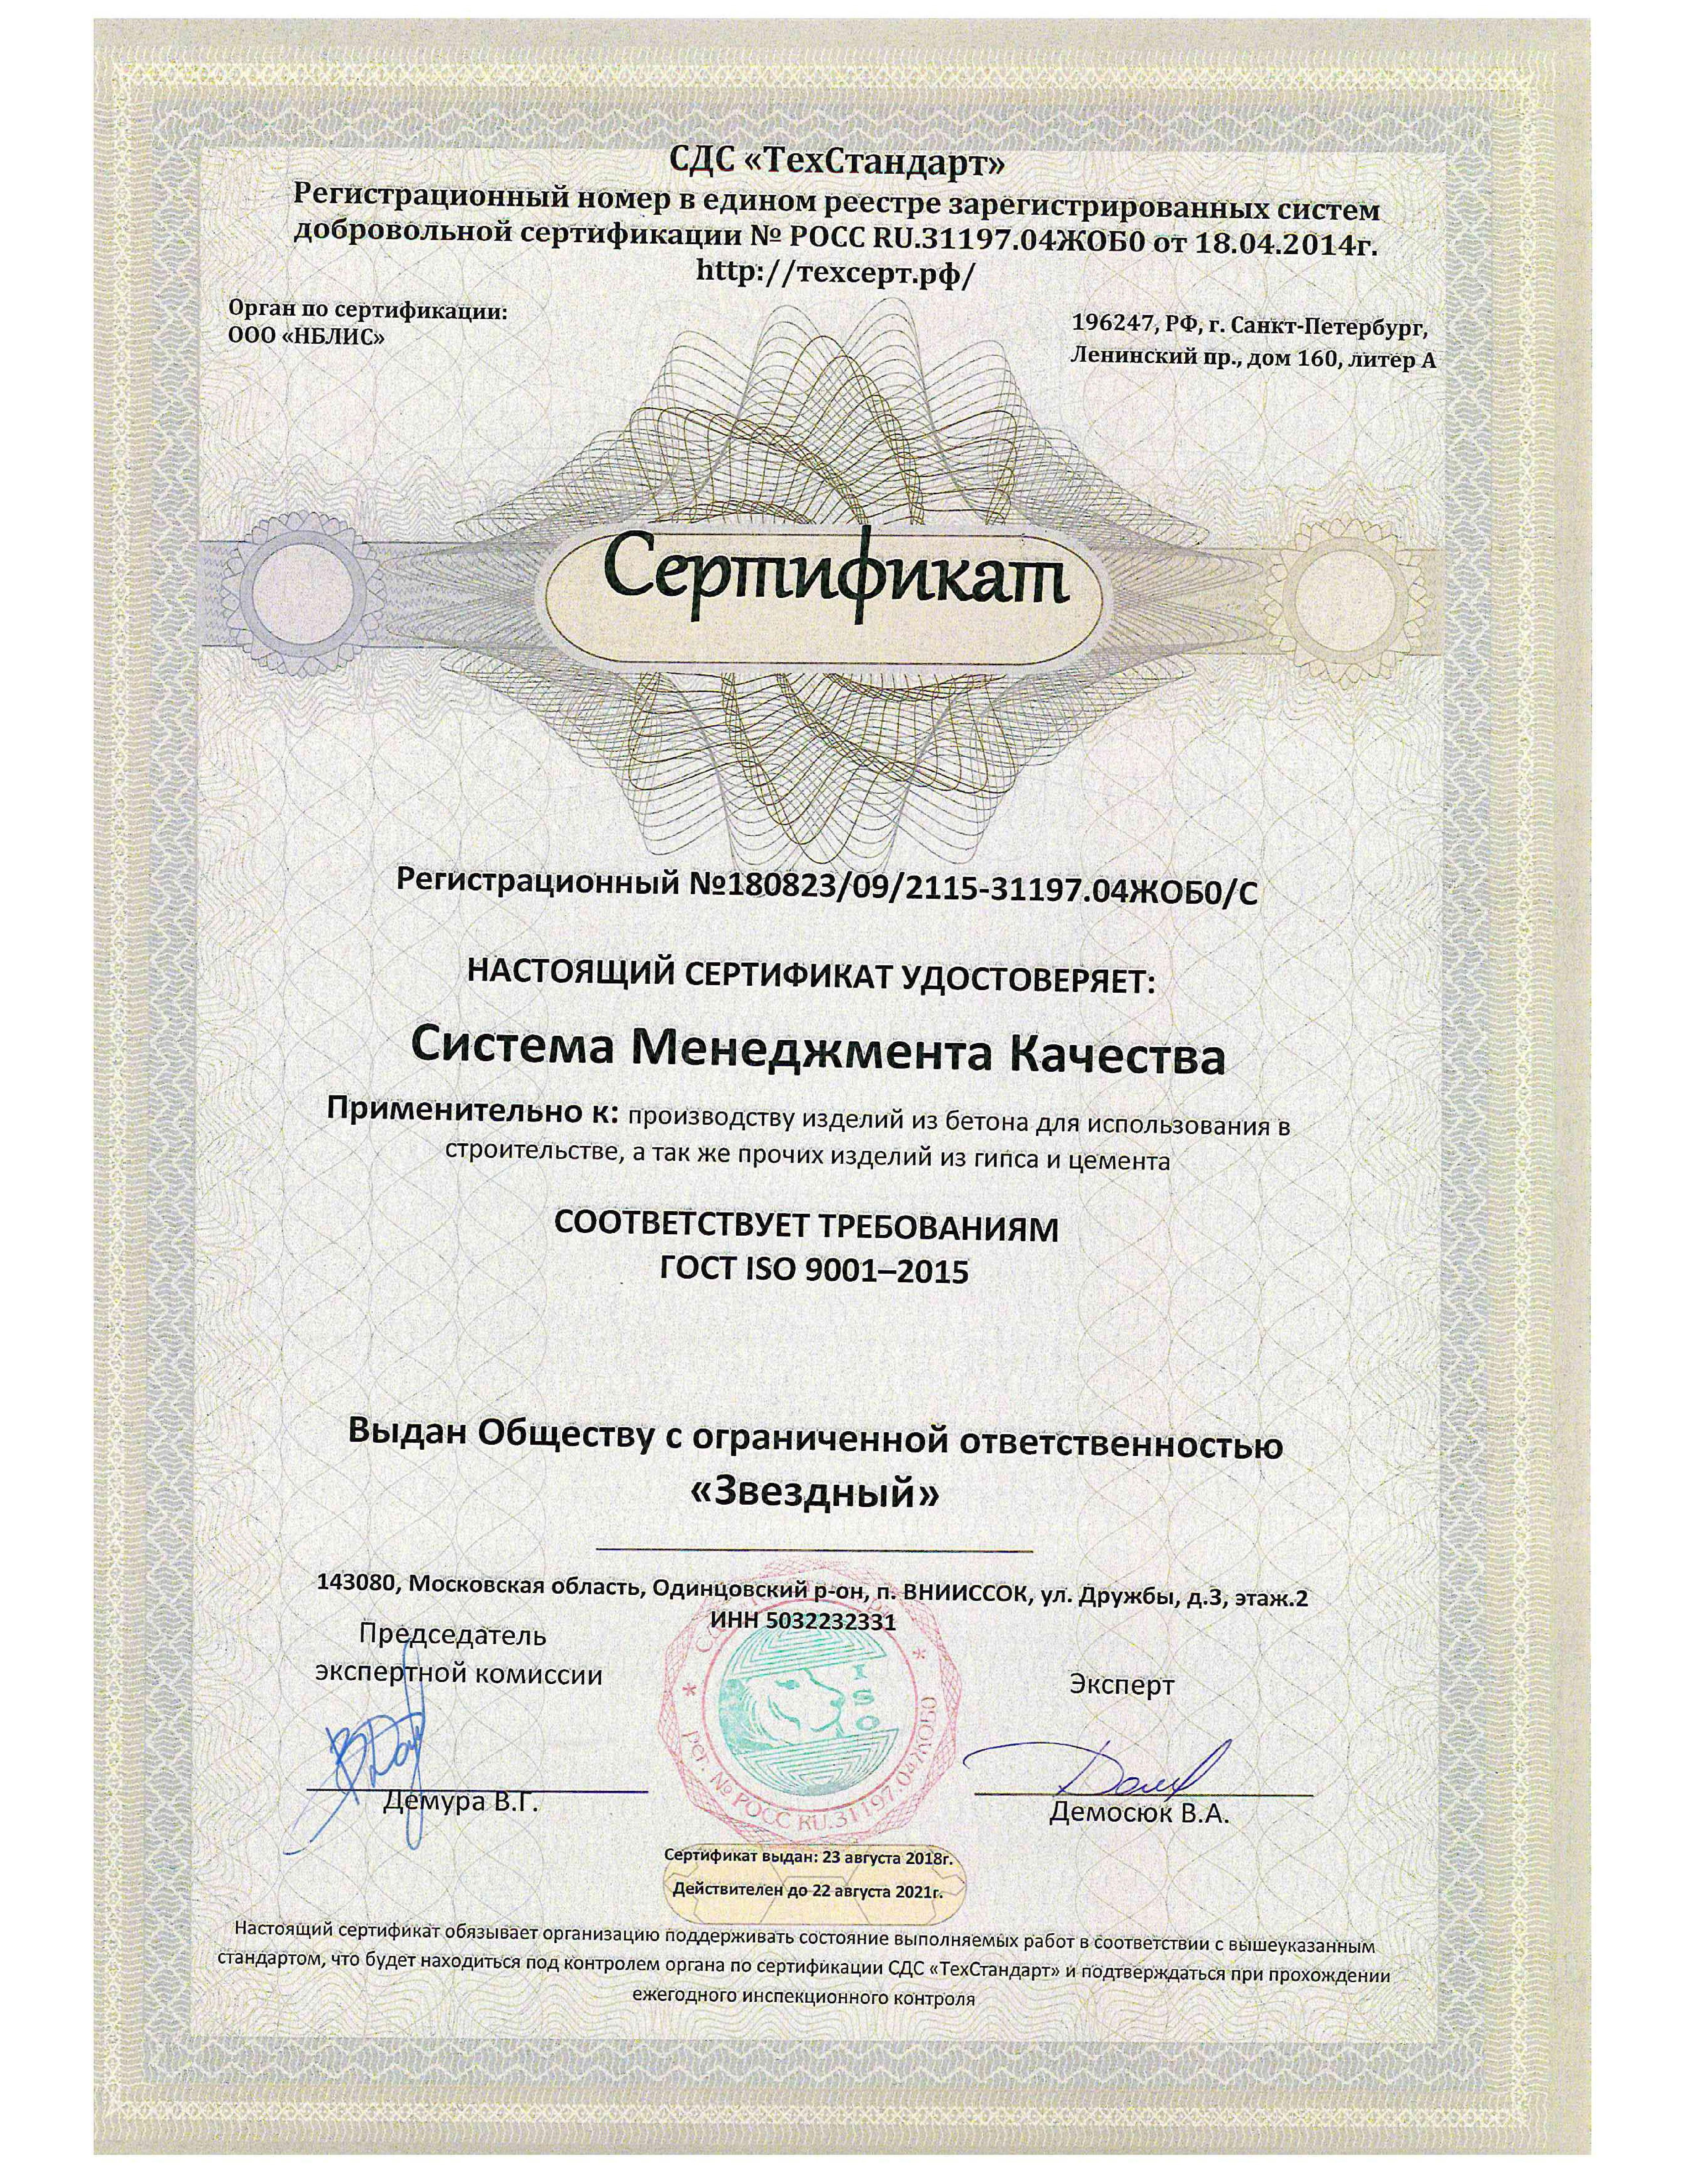 sertif.jpg